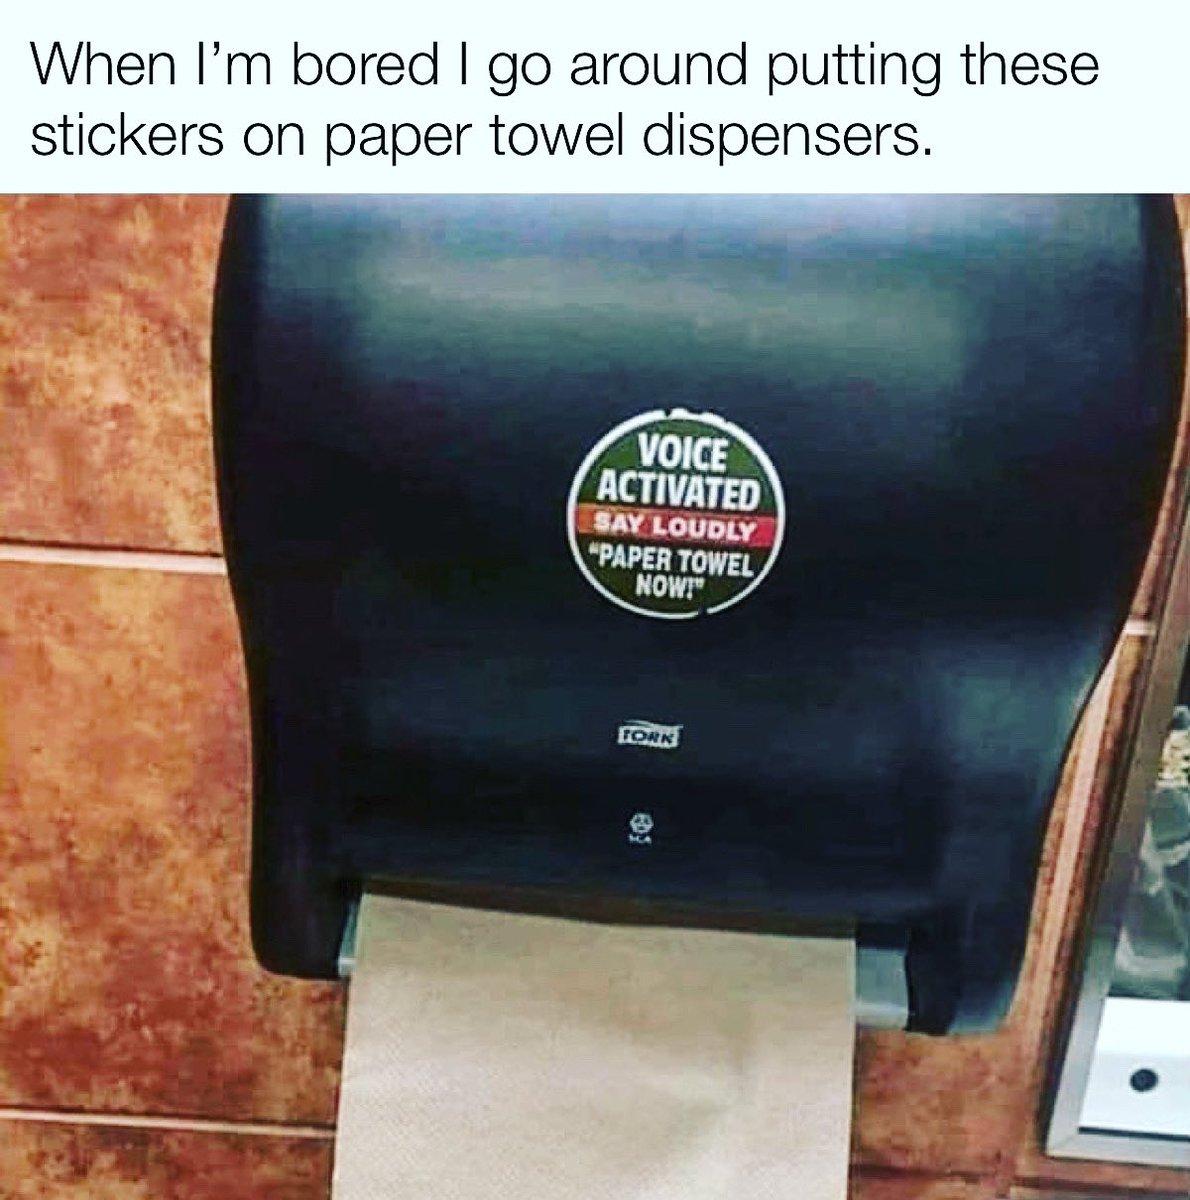 I said NOW!#memezlab #memes #meme #memes#memesdaily #dankmemes #memez #memer #memepage #memed #memelife #memestar #memereview #memestagram #memesquad #memeaccount #memelord #memess #memegod #memesrlife #memes4days #memeoftheday #memester #memesfordays #memetimepic.twitter.com/xAF4hA1CAc